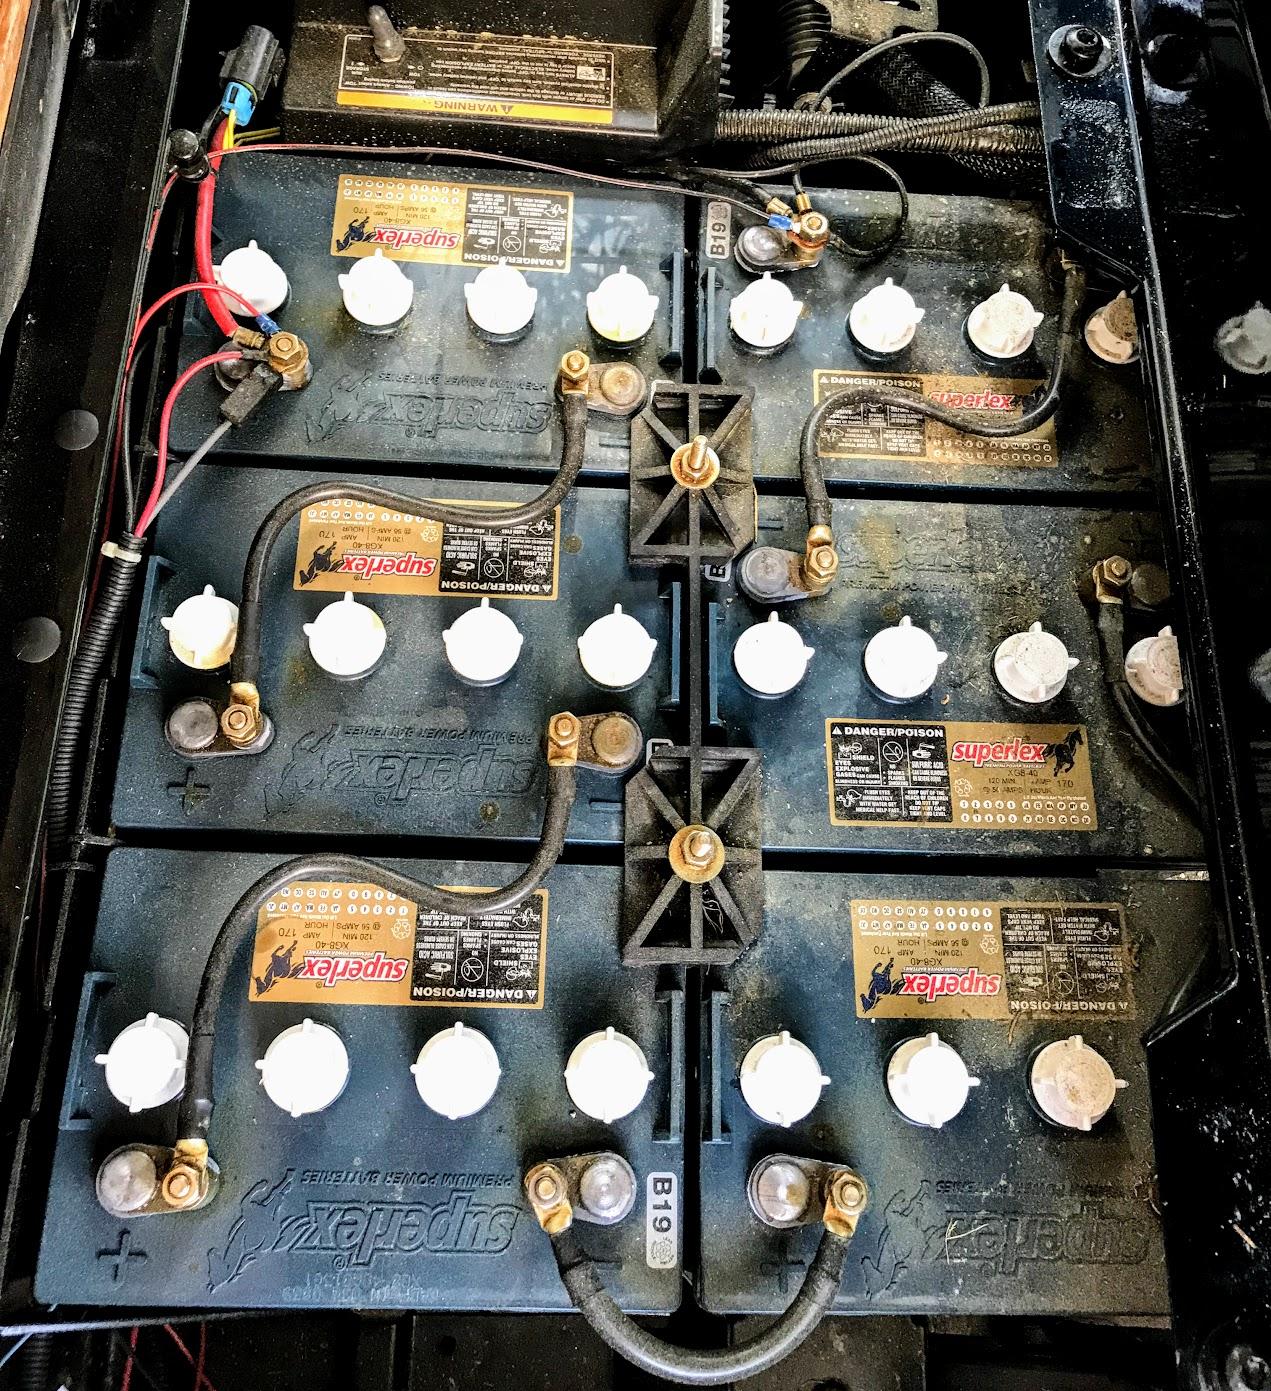 8 volt golf cart batteries